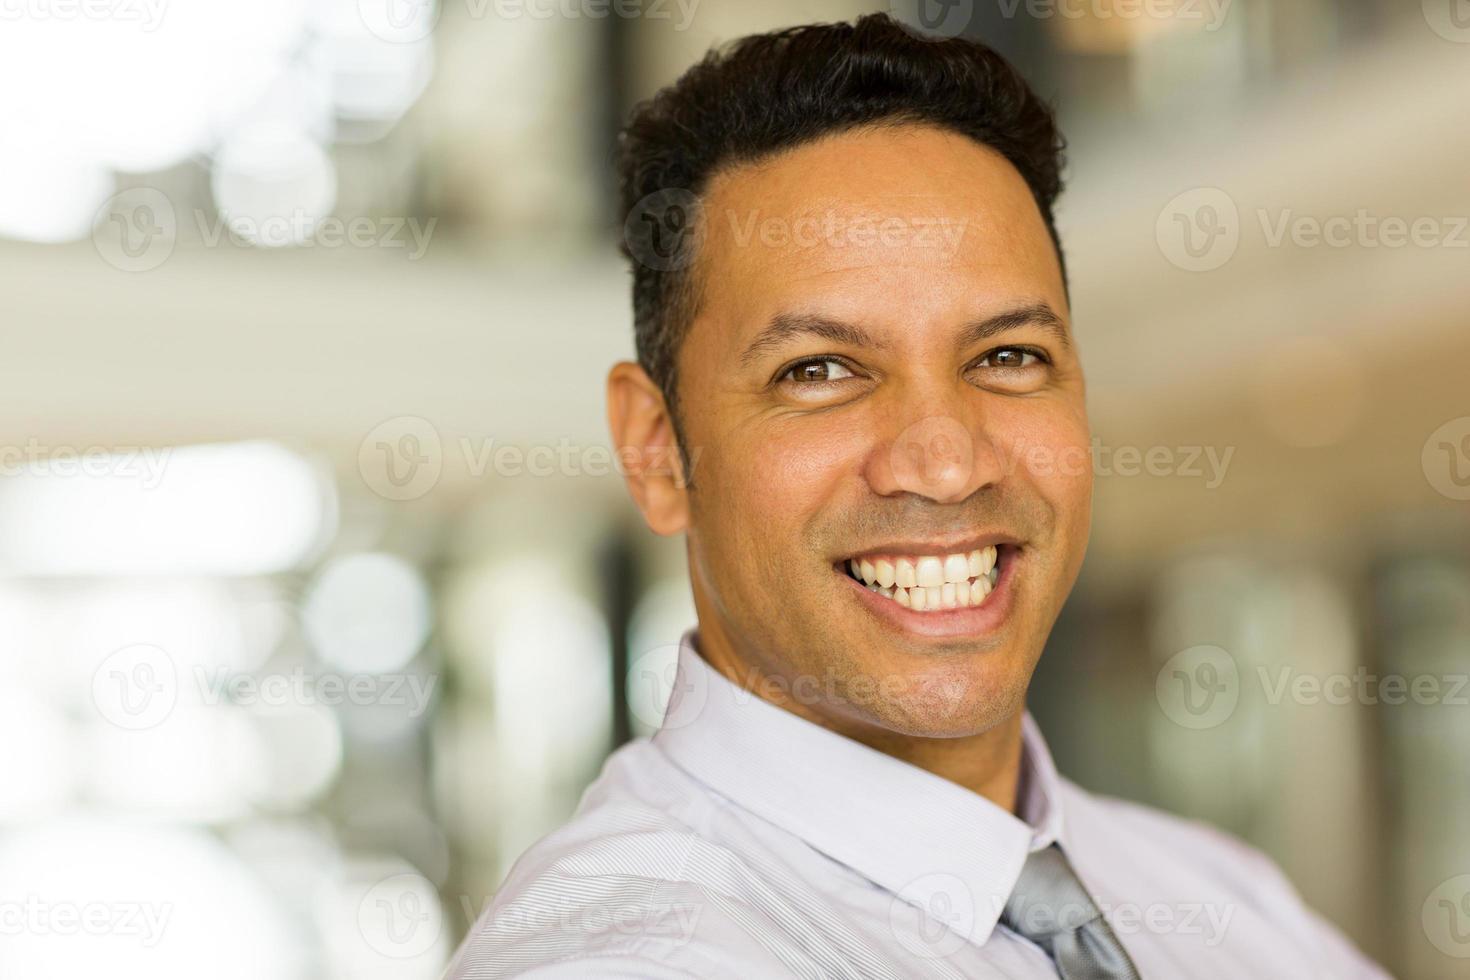 maschio lavoratore aziendale da vicino foto